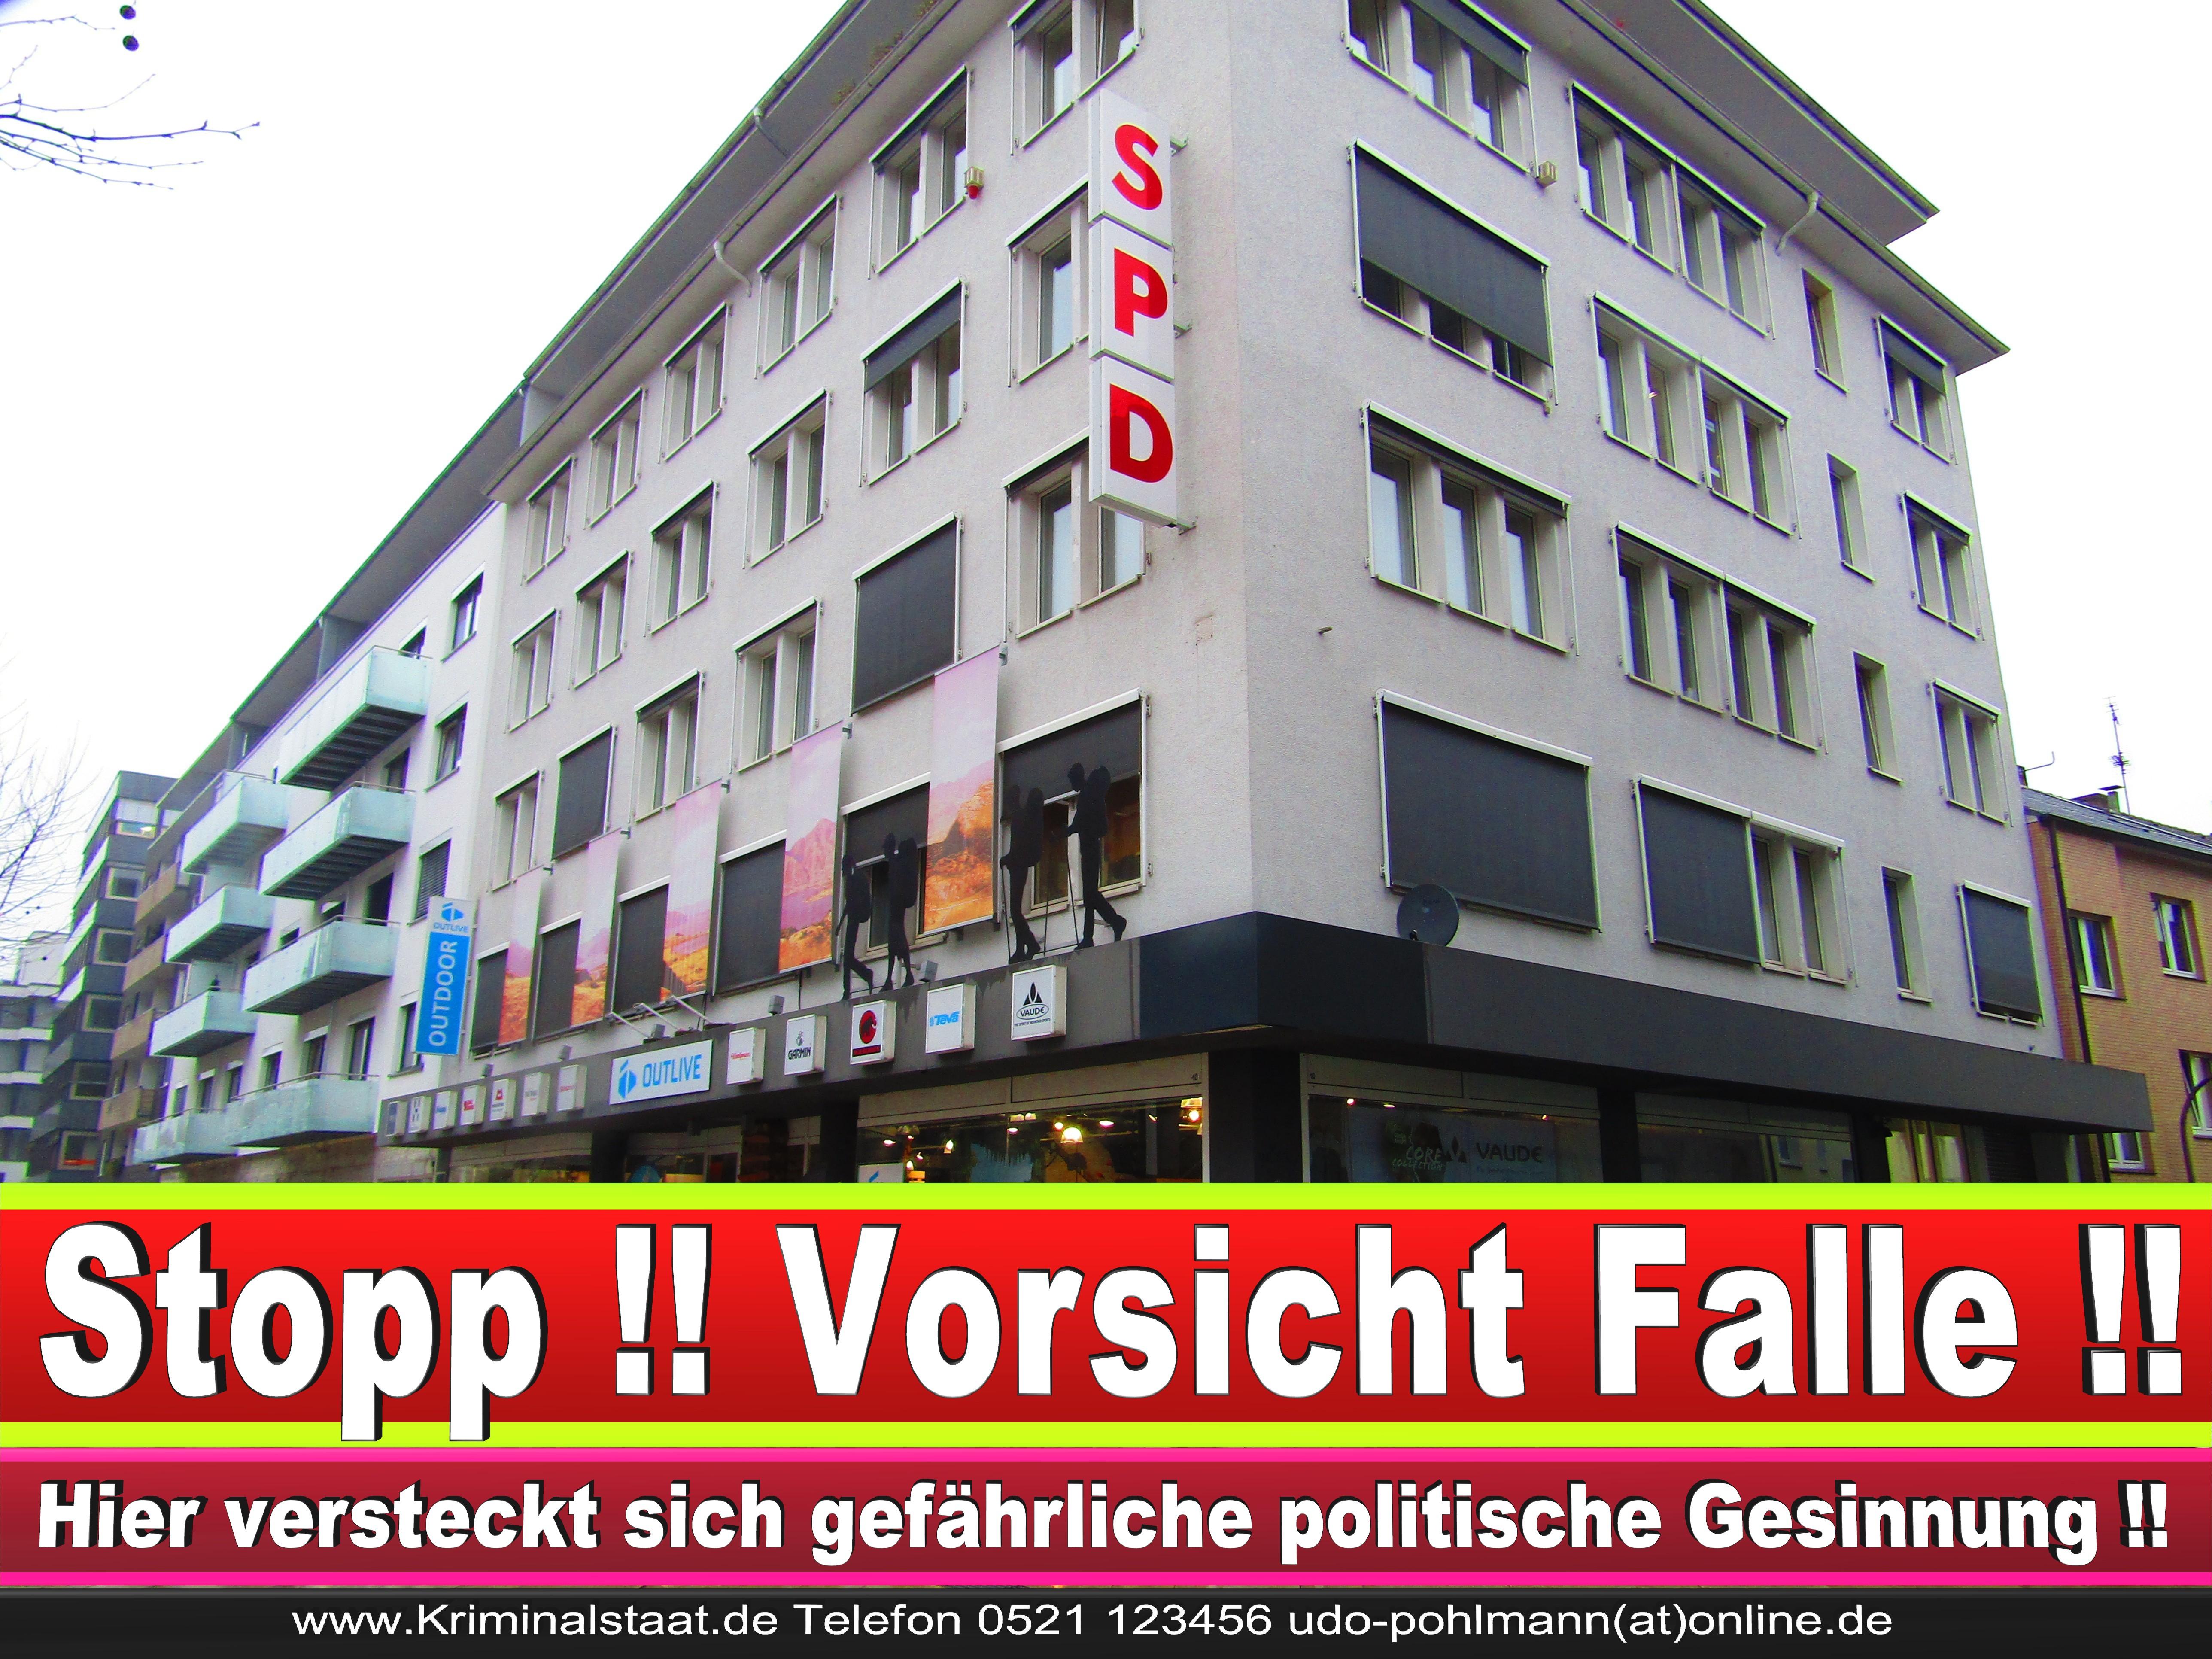 SPD DORTMUND UNTERBEZIRK BüRGERBüRO SPD ORTSVERBAND RAT STADT RATSMITGLIEDER SPD FRAKTION SPD NRW ADRESSE (15) 1